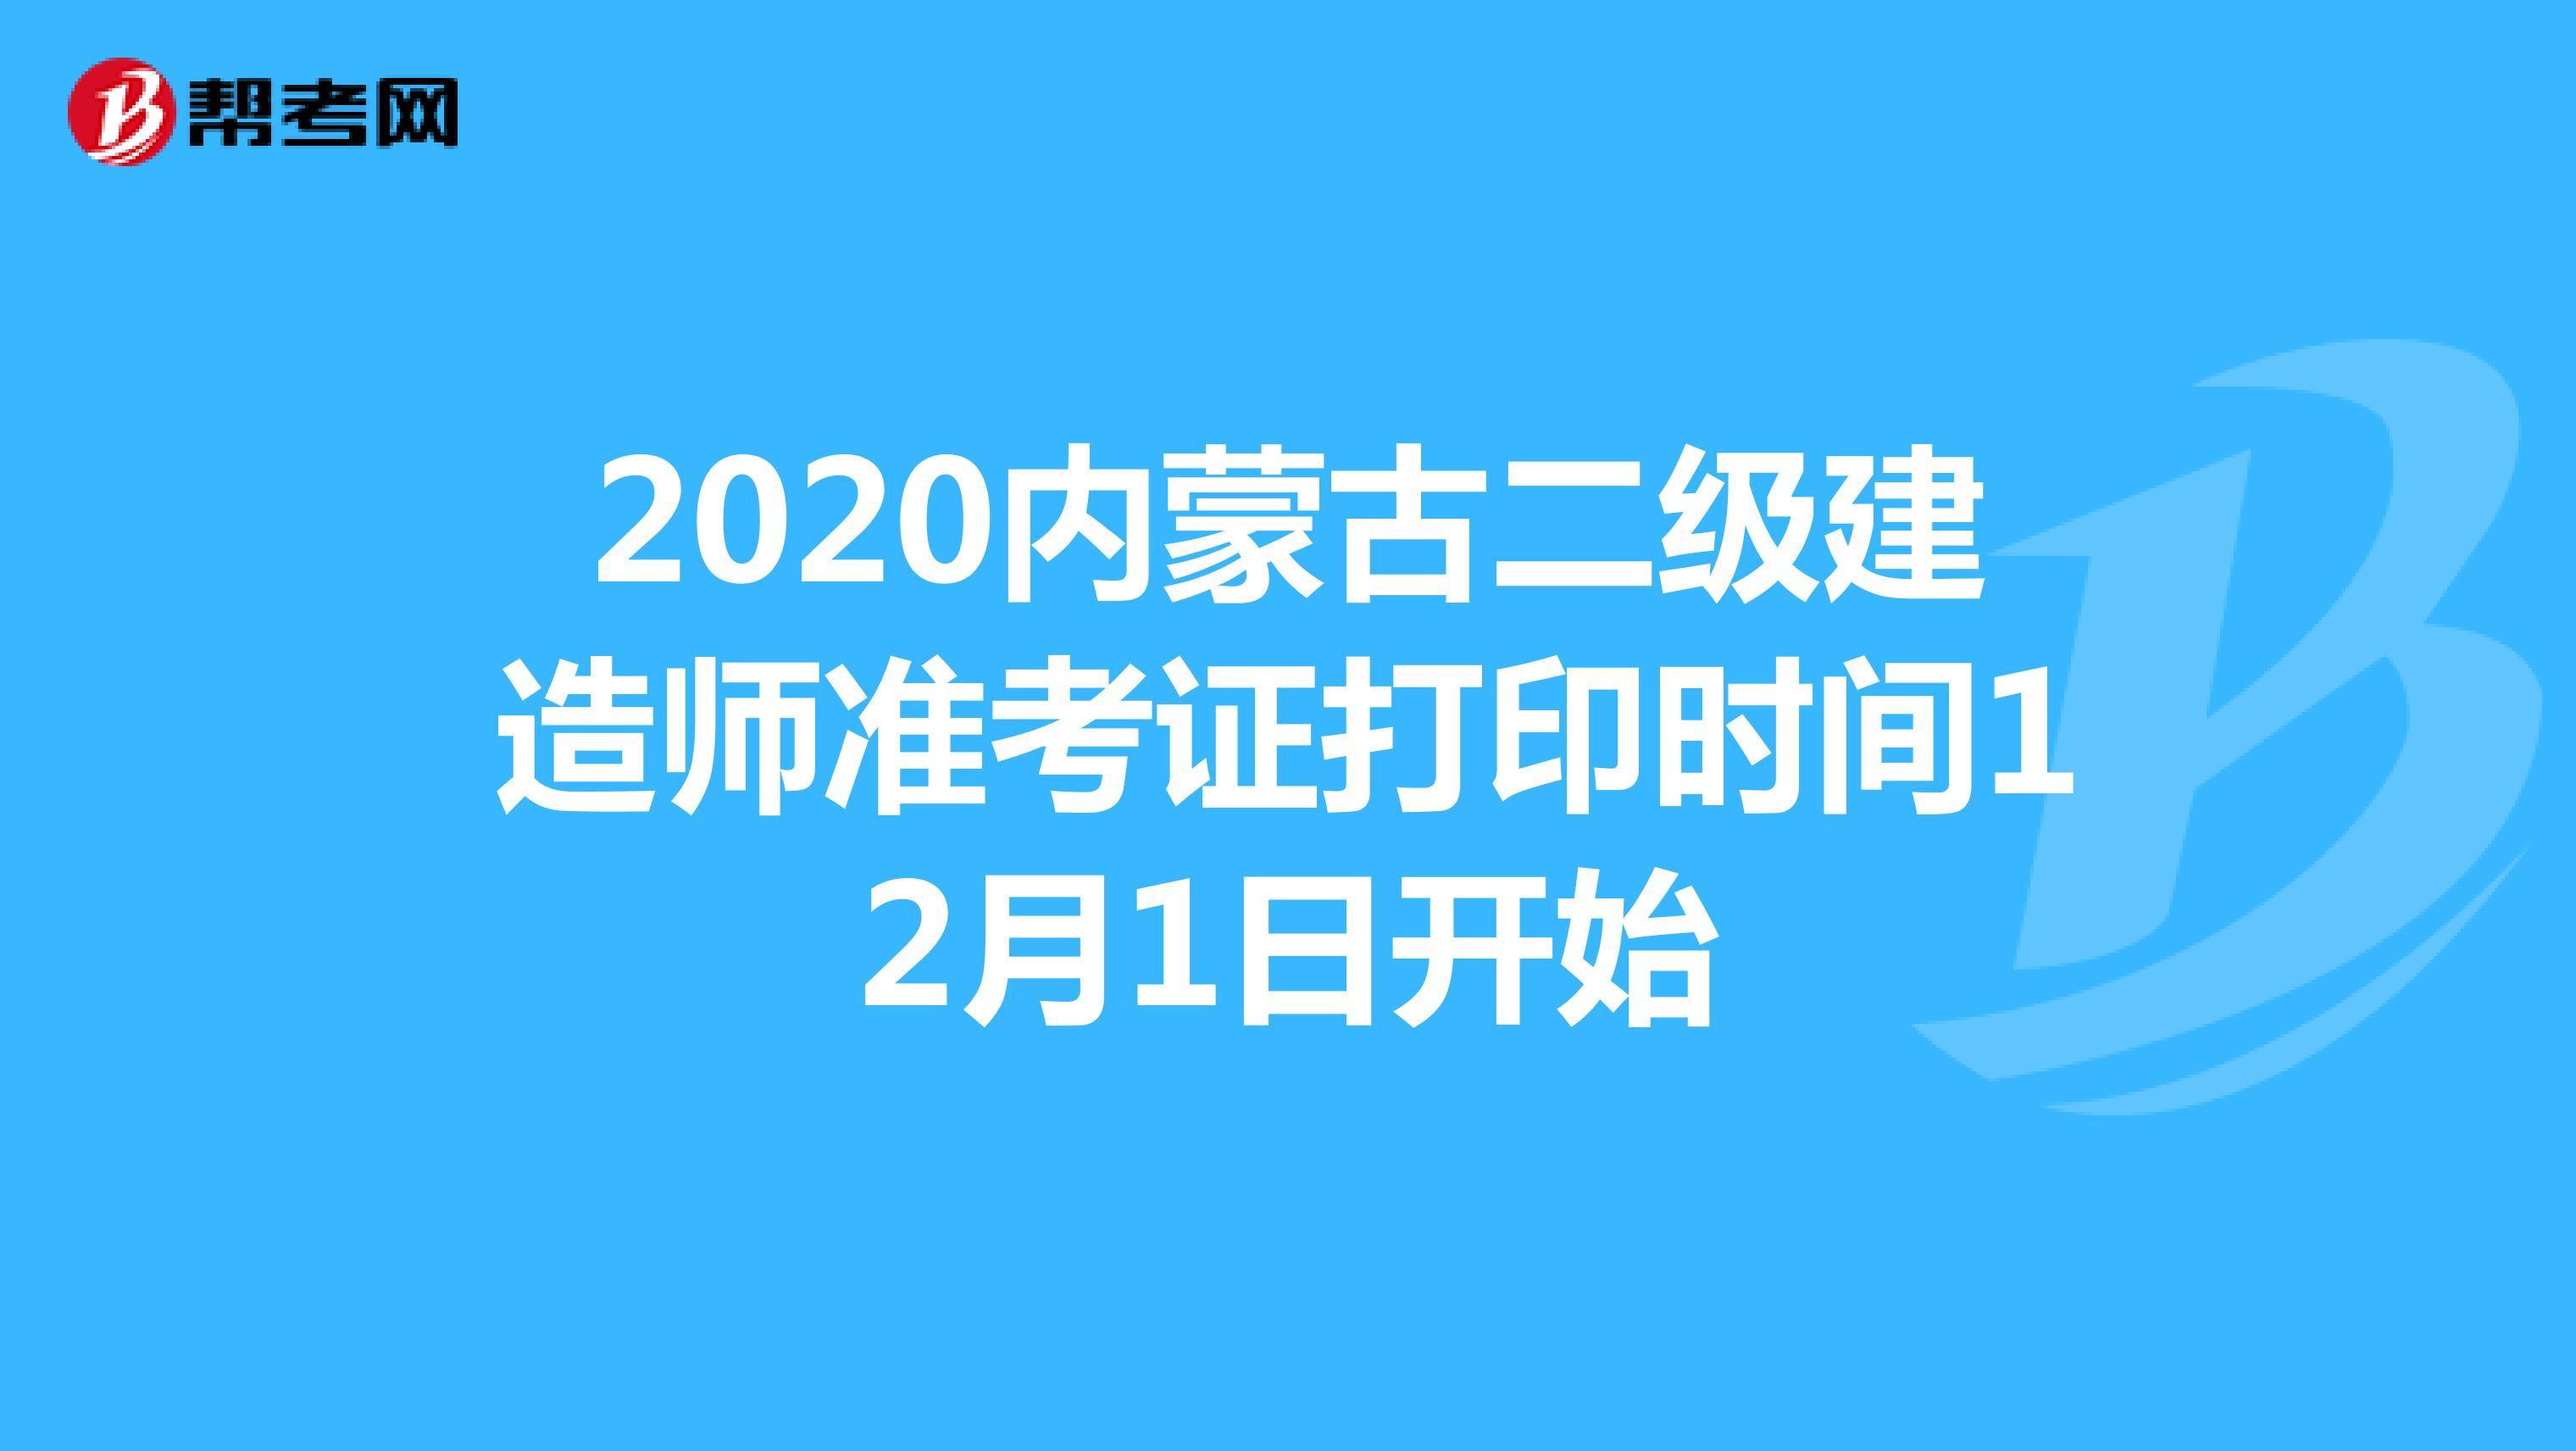 2020内蒙古(hot88体育官网)二级建造师准考证打印时间12月1日开始